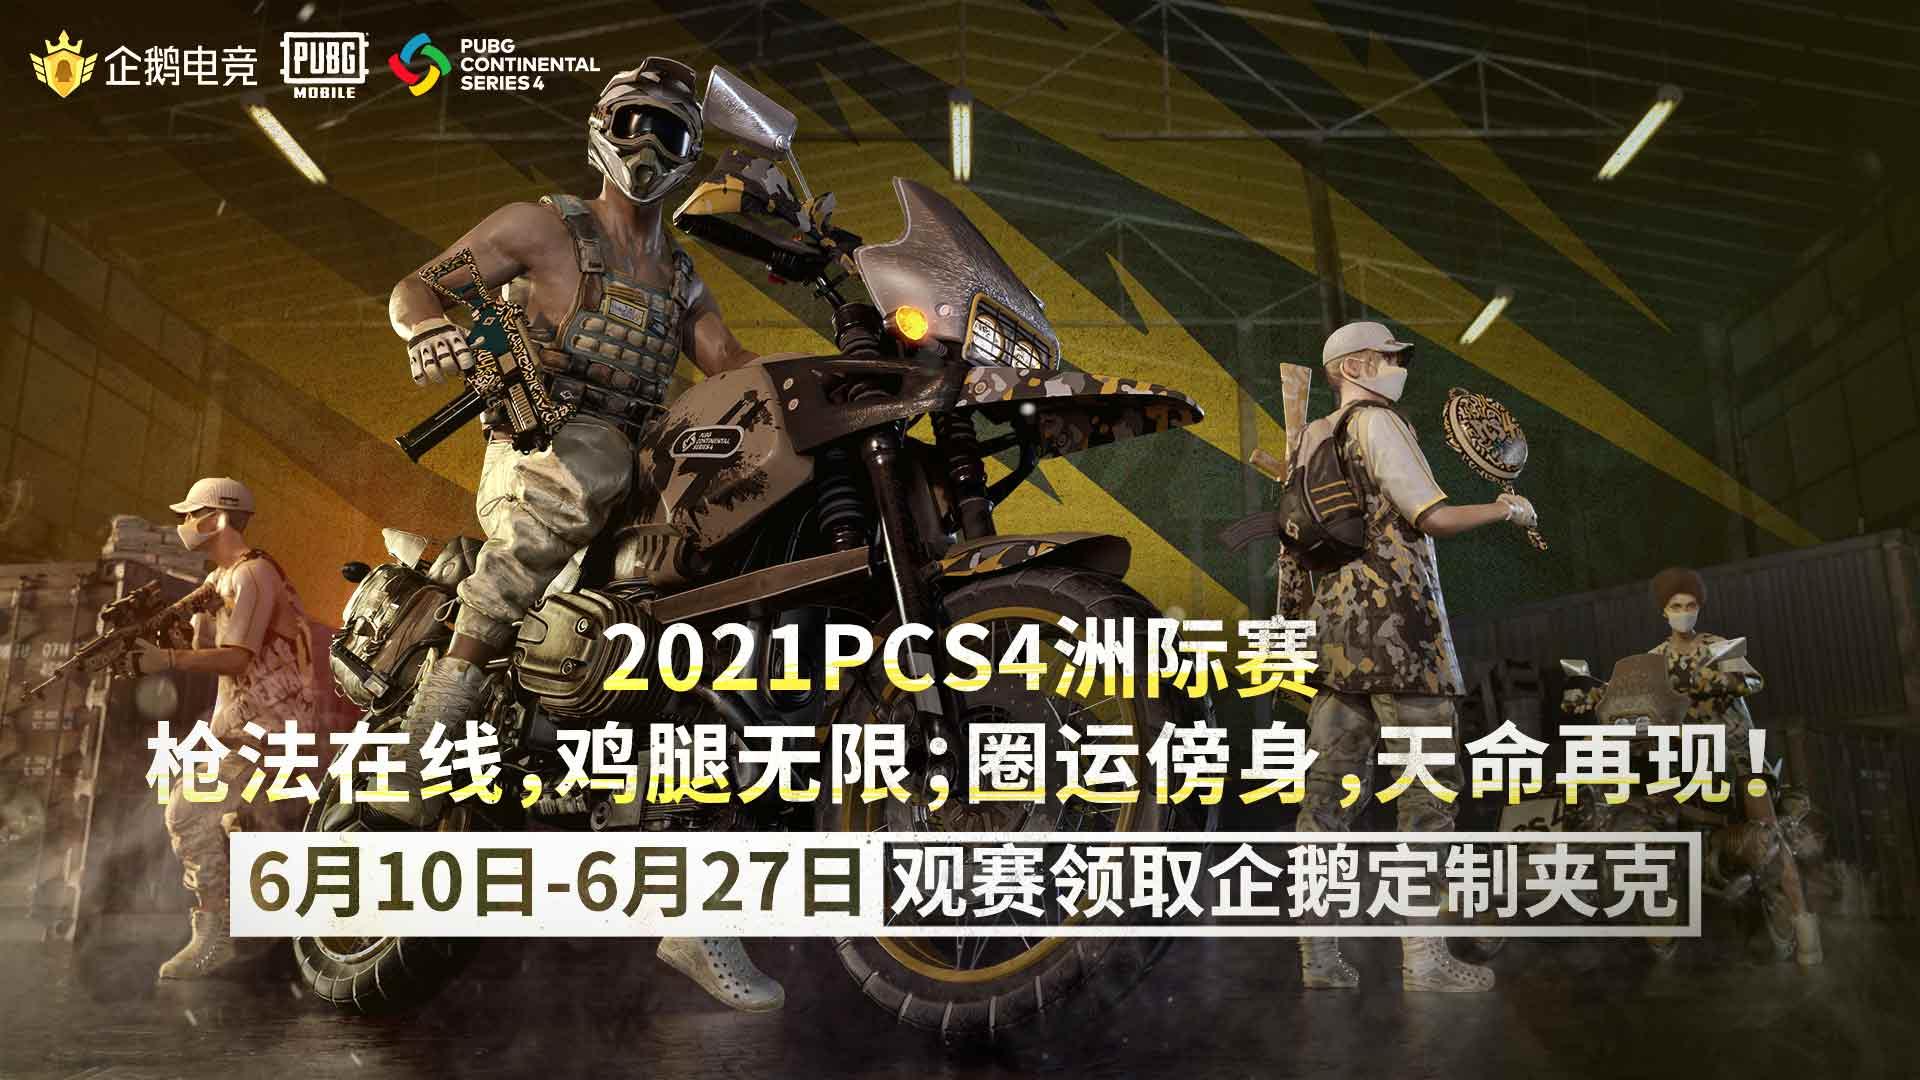 绝地求生PCS4洲际赛即将打响,全新赛制带来不一样的视觉盛宴!